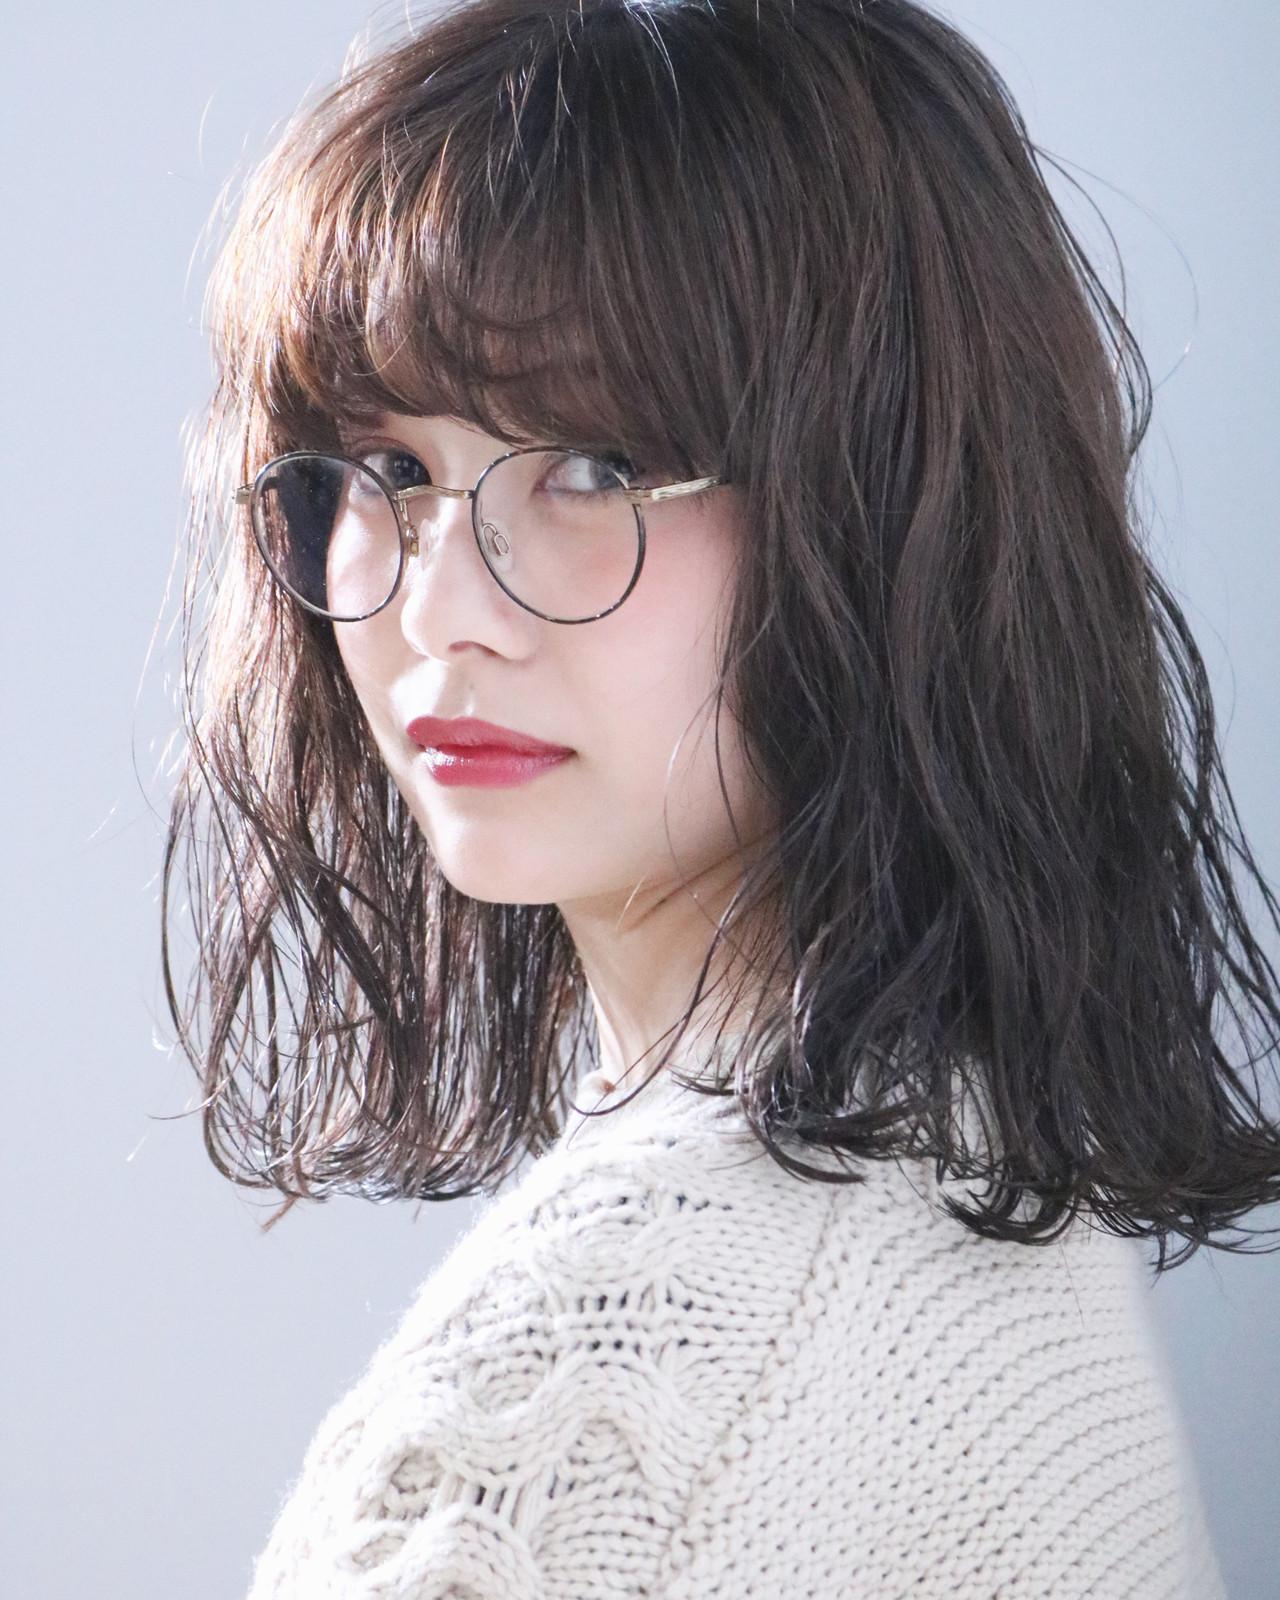 メガネ アンニュイほつれヘア ヘアアレンジ ナチュラル ヘアスタイルや髪型の写真・画像